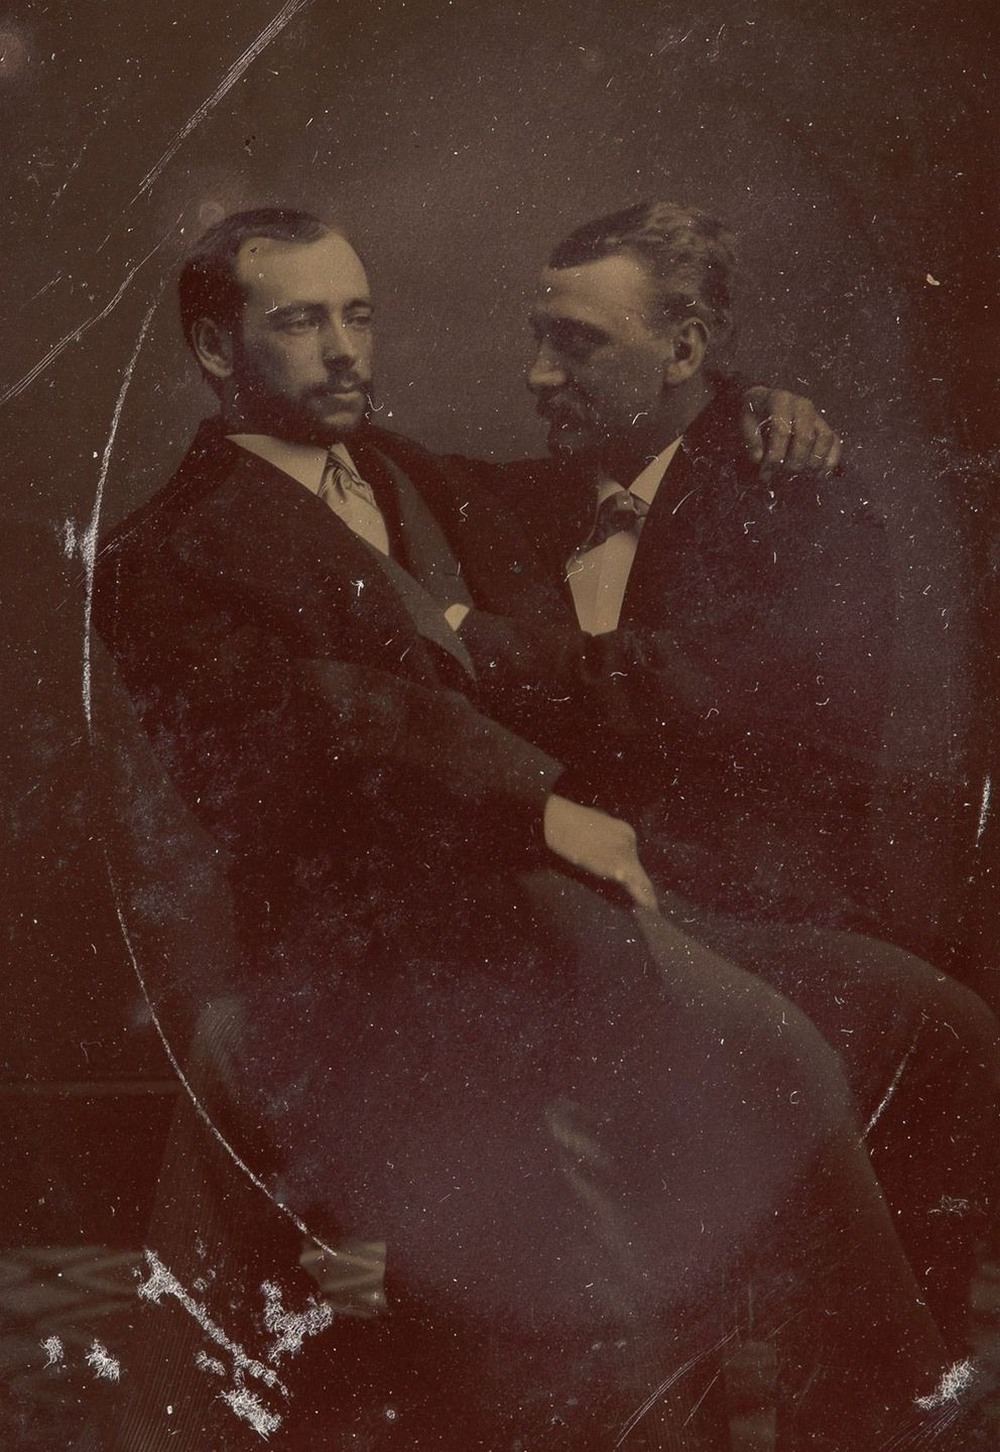 Броманс в викторианскую эпоху: интимные мужские объятия в редких фотографиях конца 1800-х годов  9